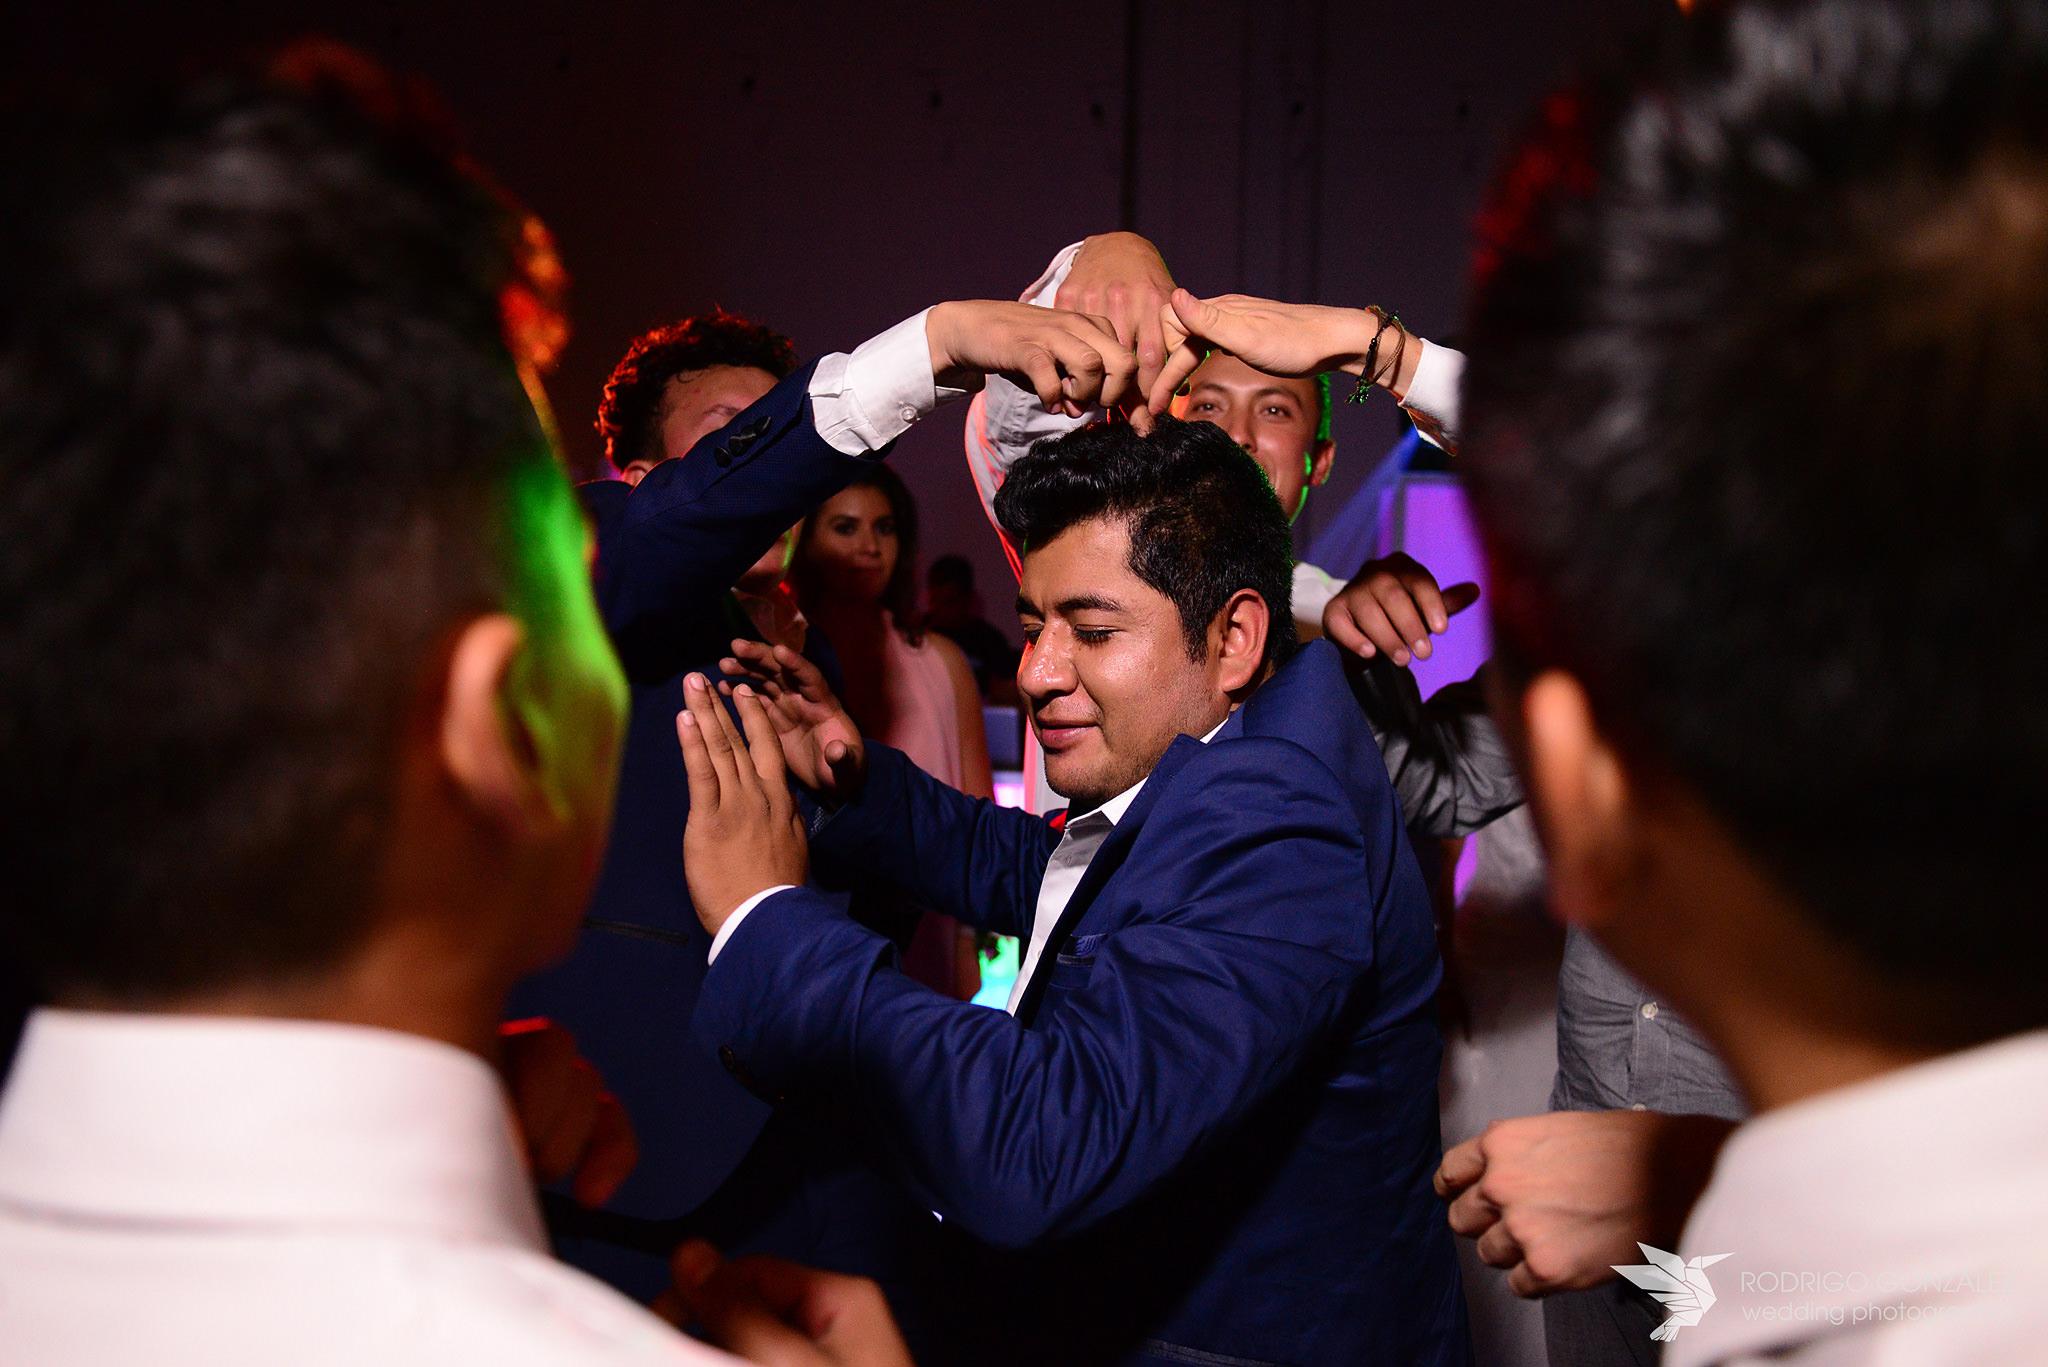 fotografos-de-bodas-en-puebla-1315